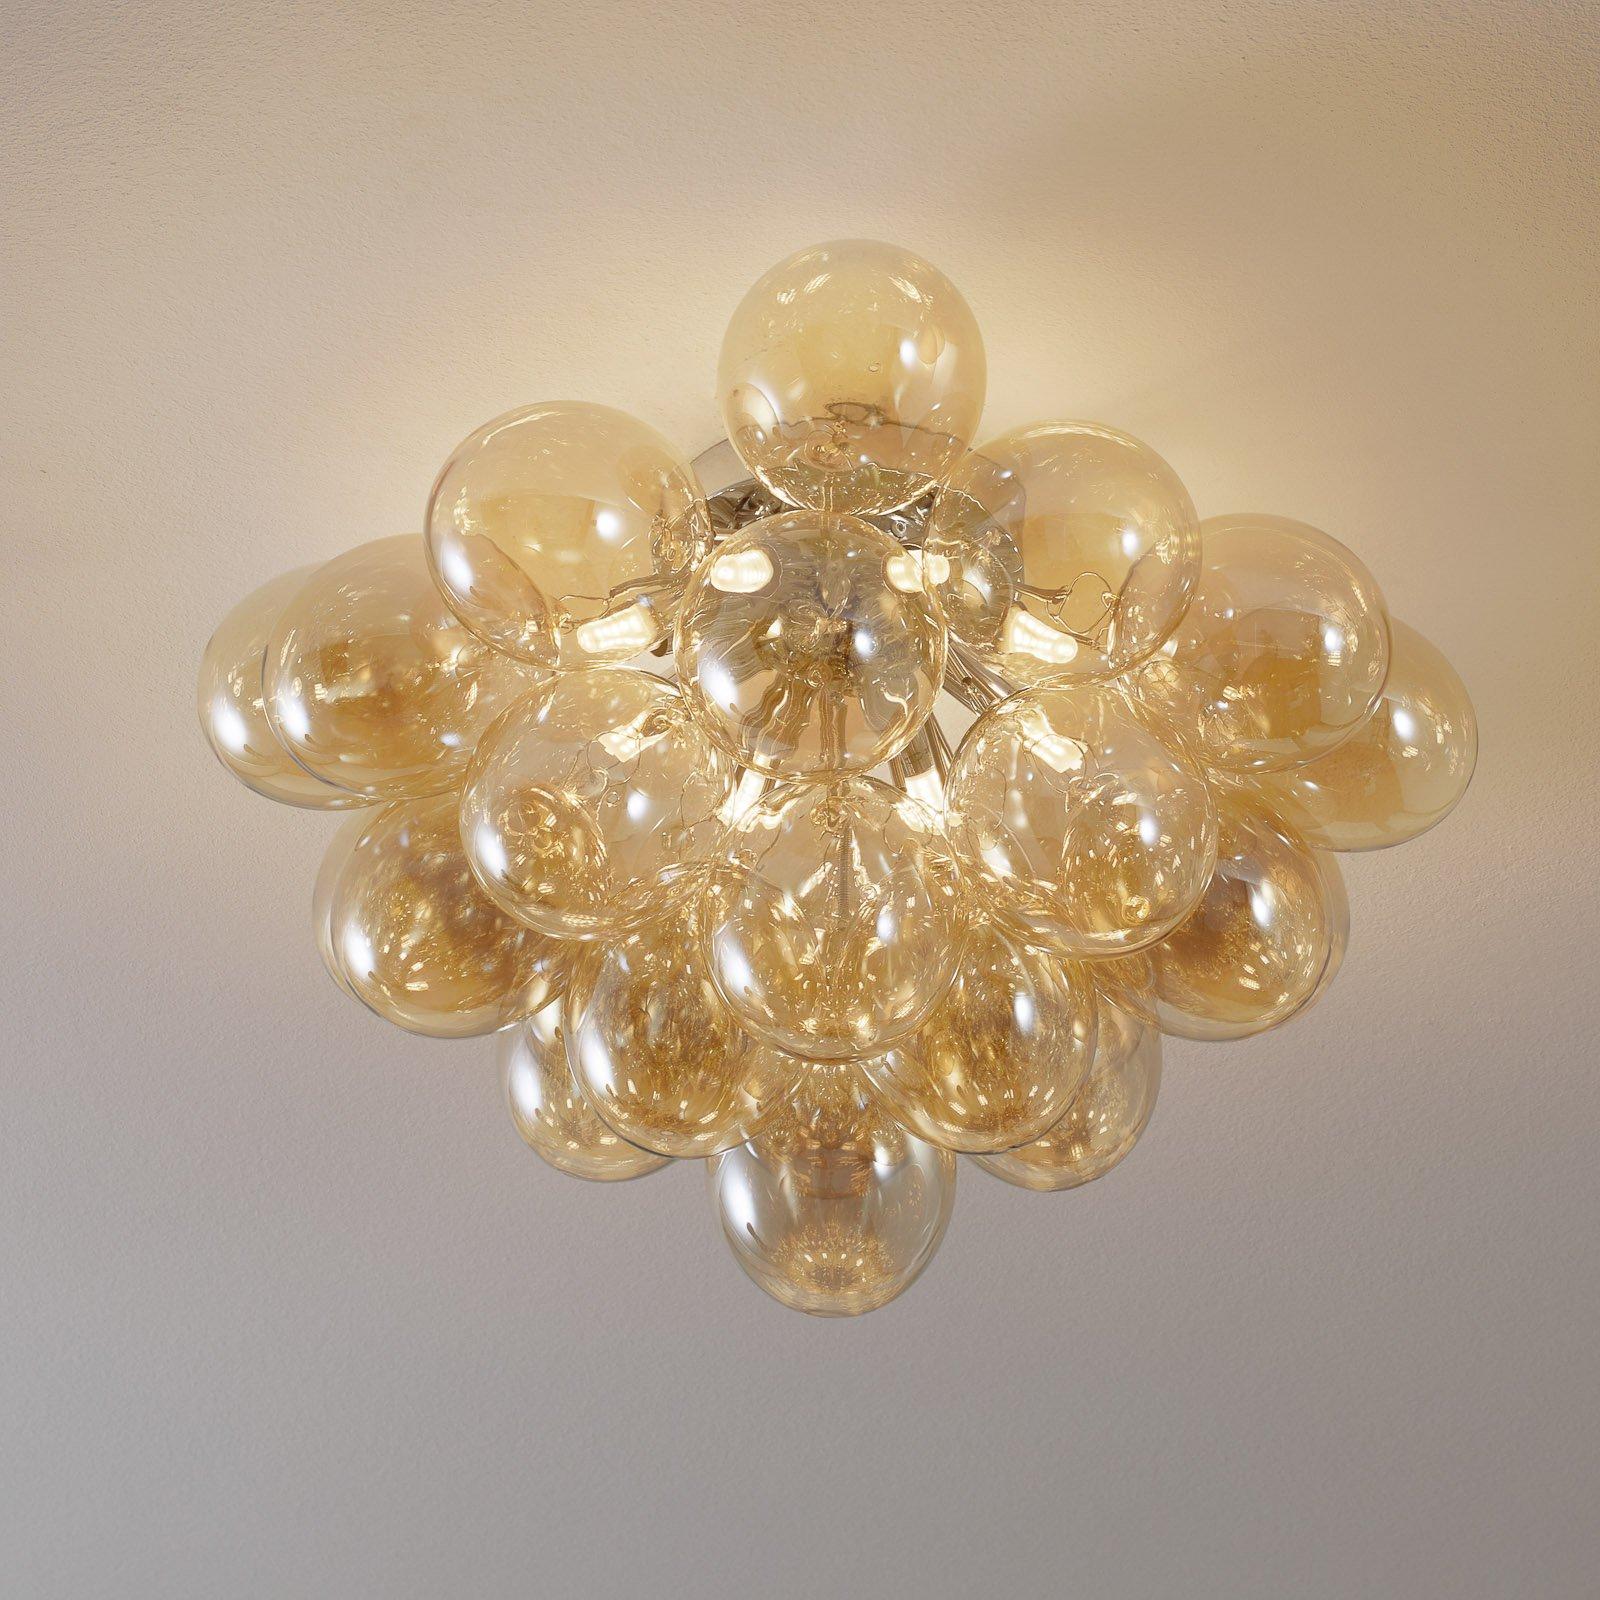 Balbo taklampe, glass rav